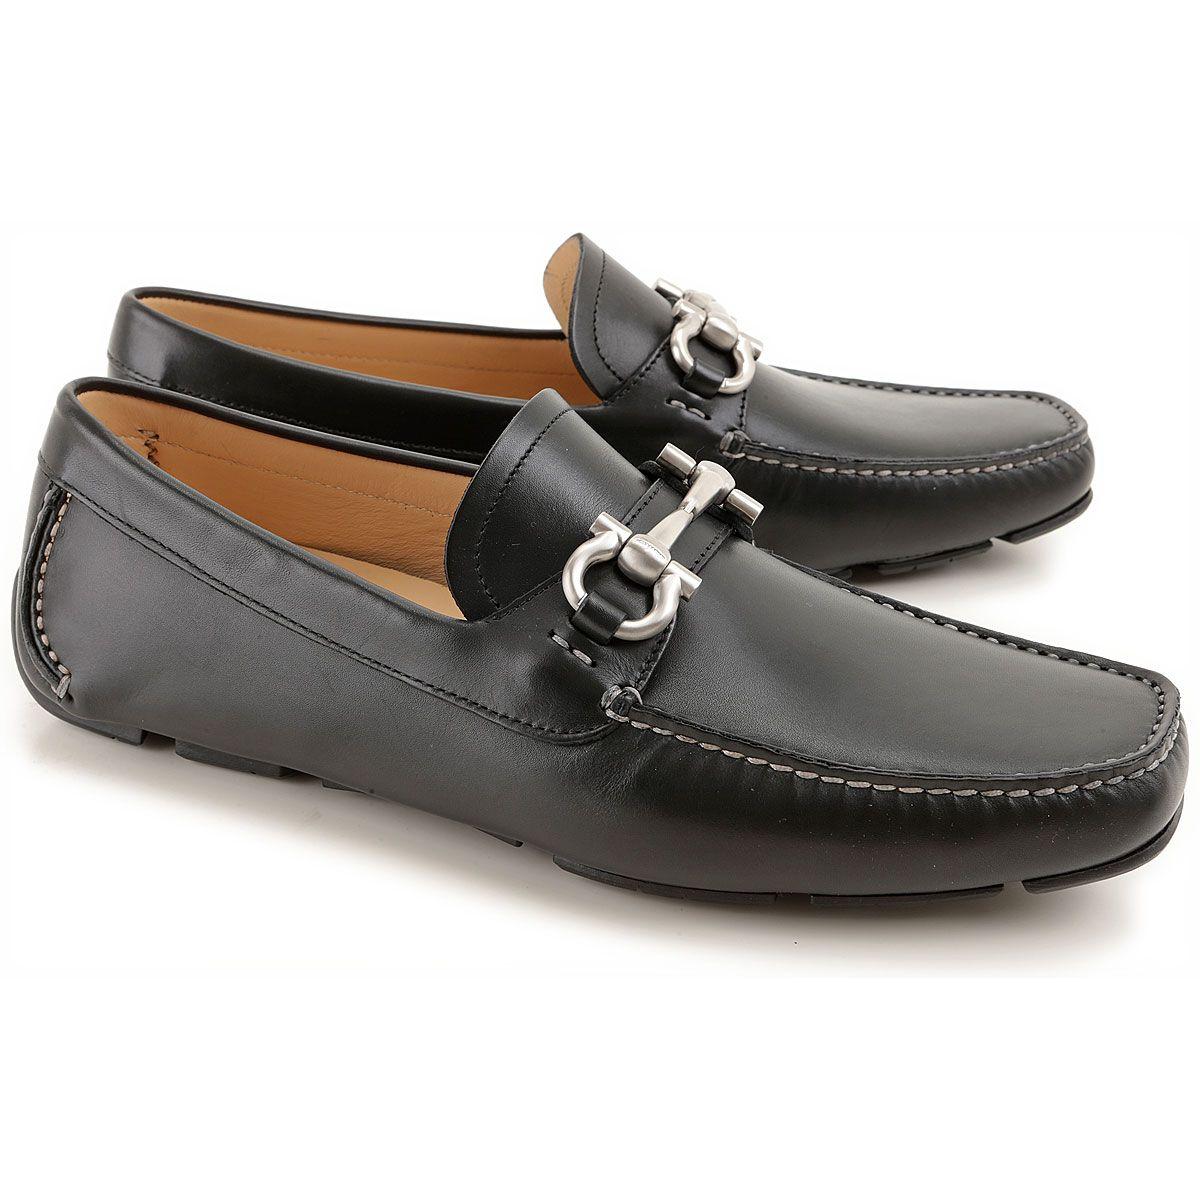 aba13de70 MODELOS DE ZAPATOS FERRAGAMO #ferragamo #modelos #modelosdezapatos #zapatos